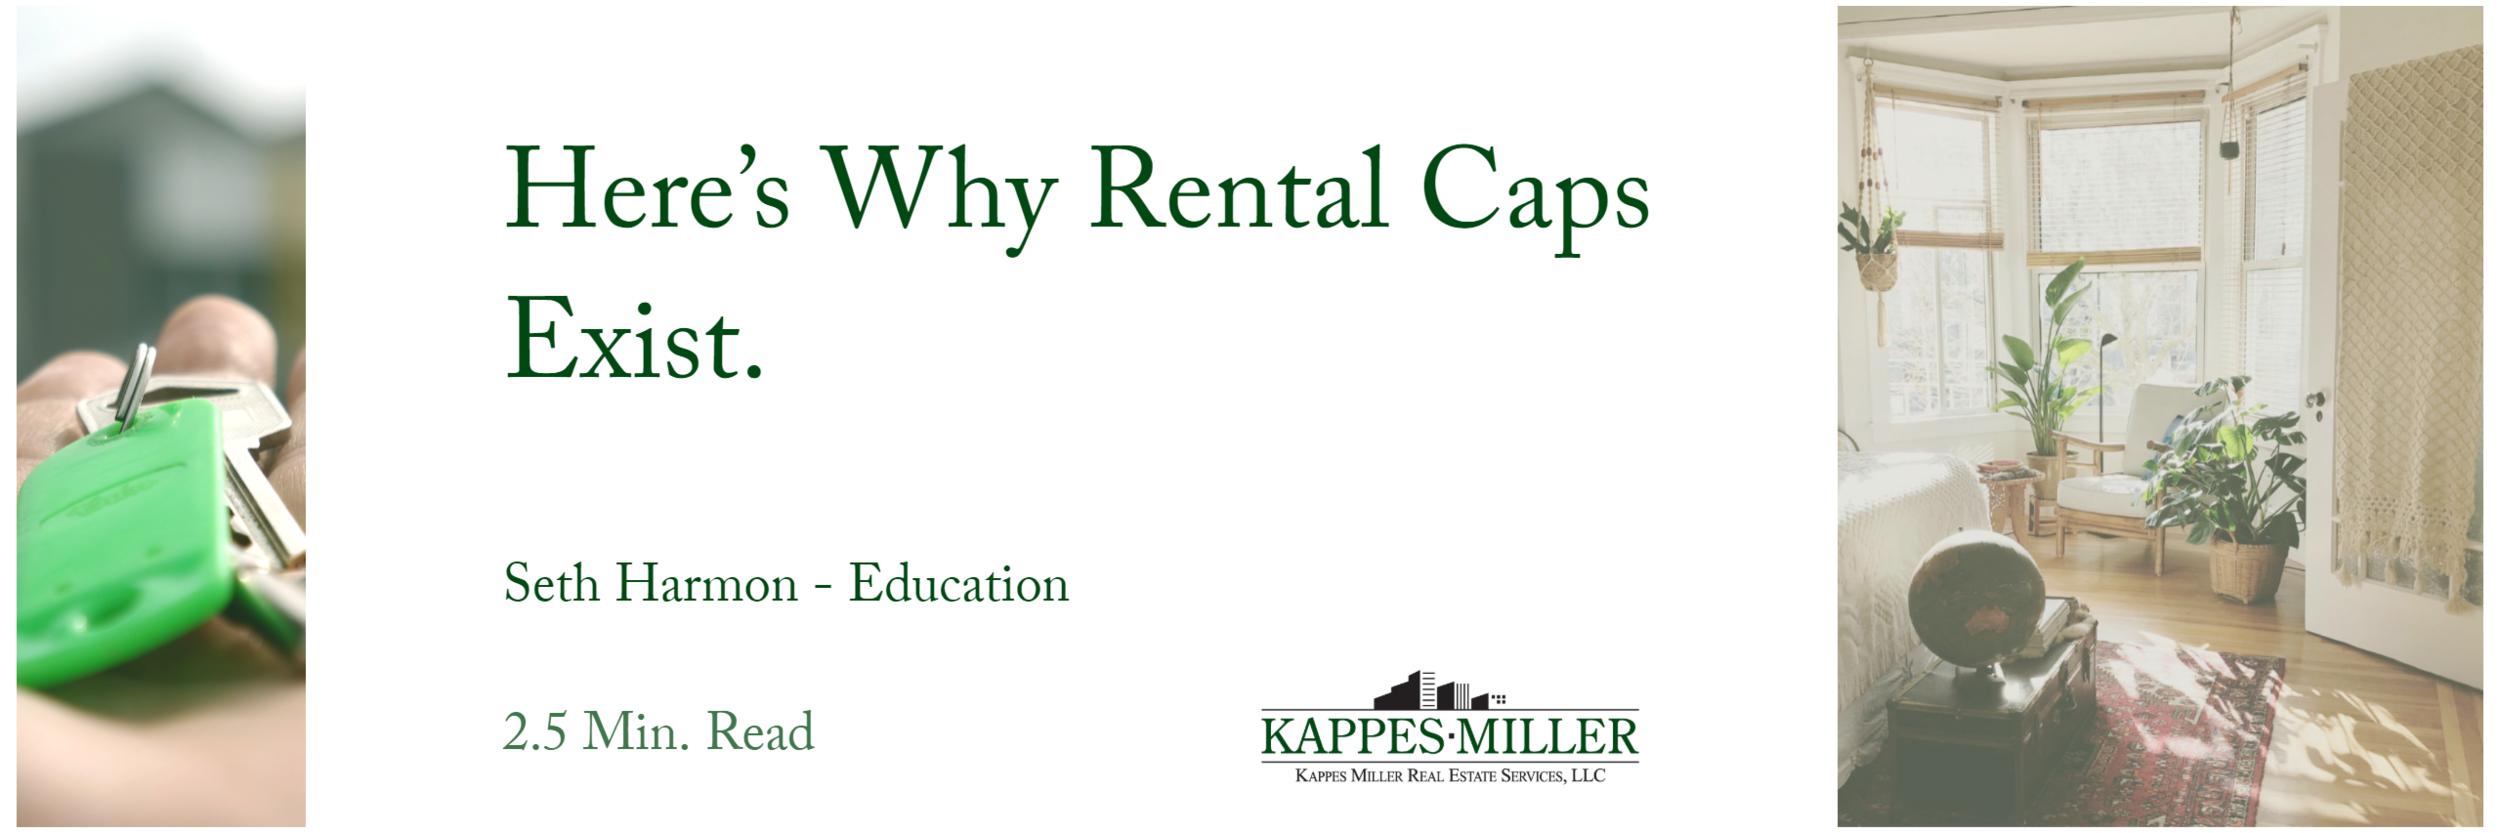 Kappes Miller Real Estate Services Rental Caps Blog Post.png